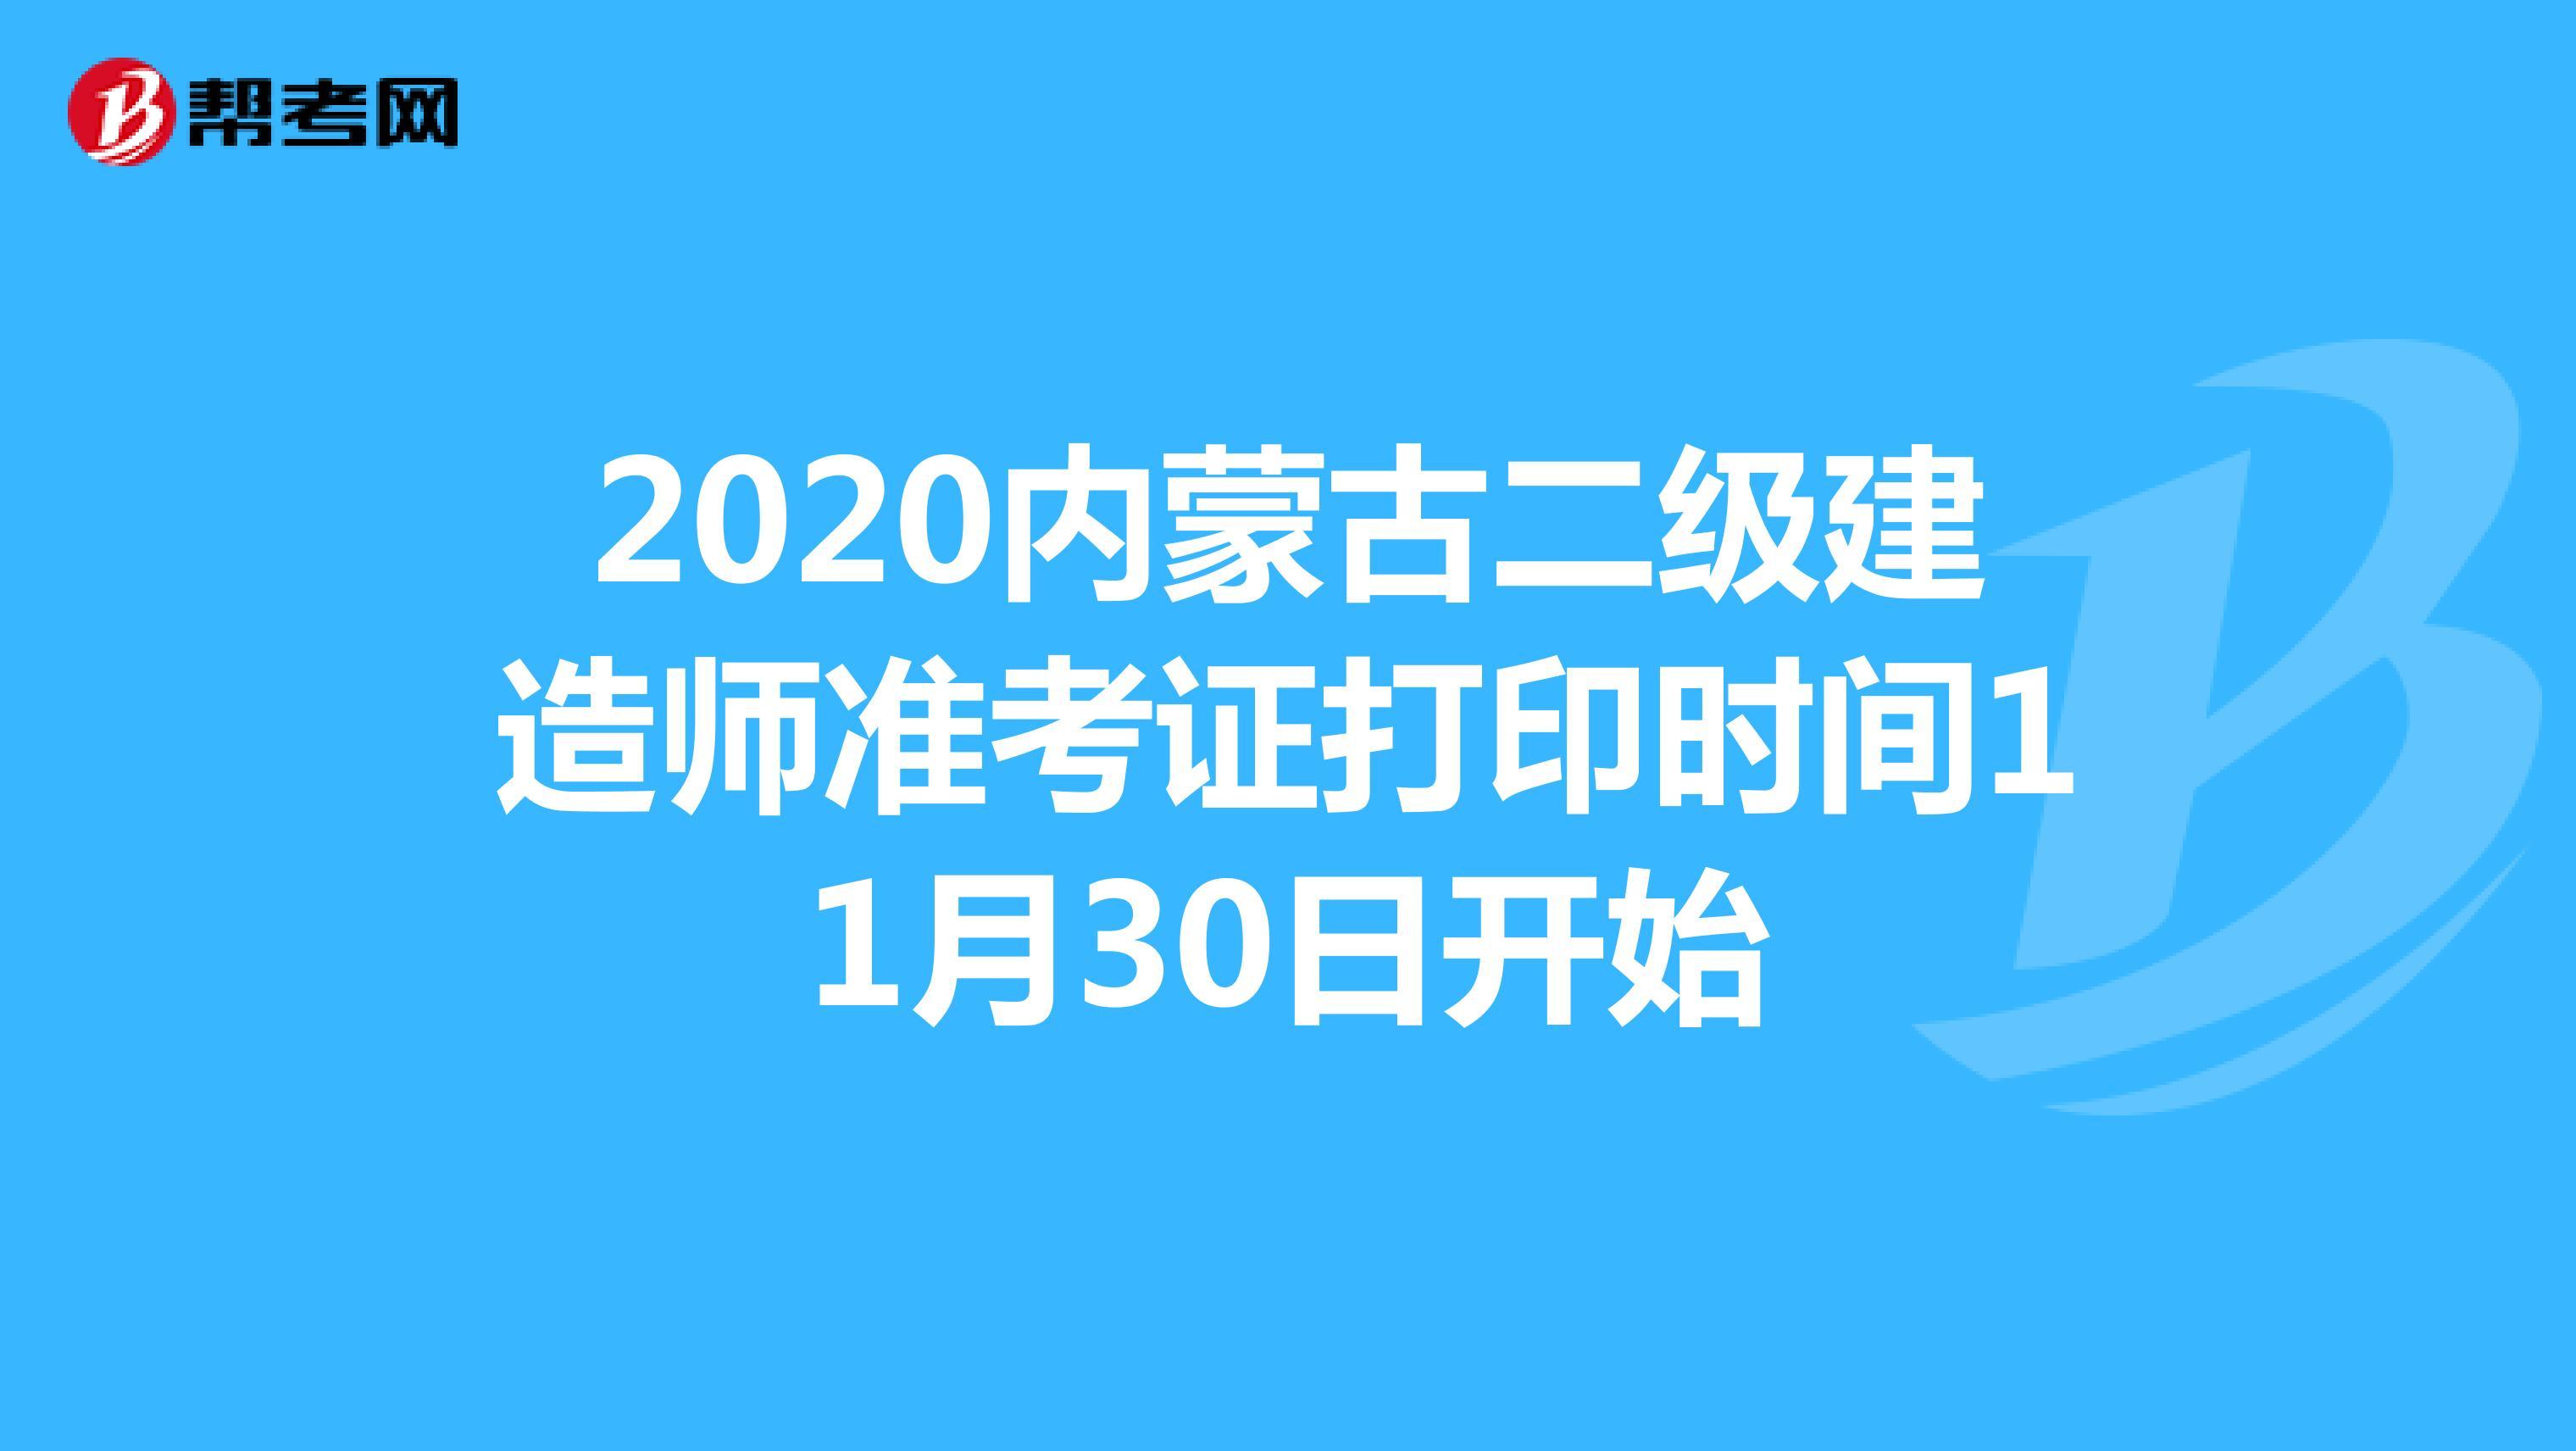 2020内蒙古(hot88体育官网)二级建造师准考证打印时间11月30日开始